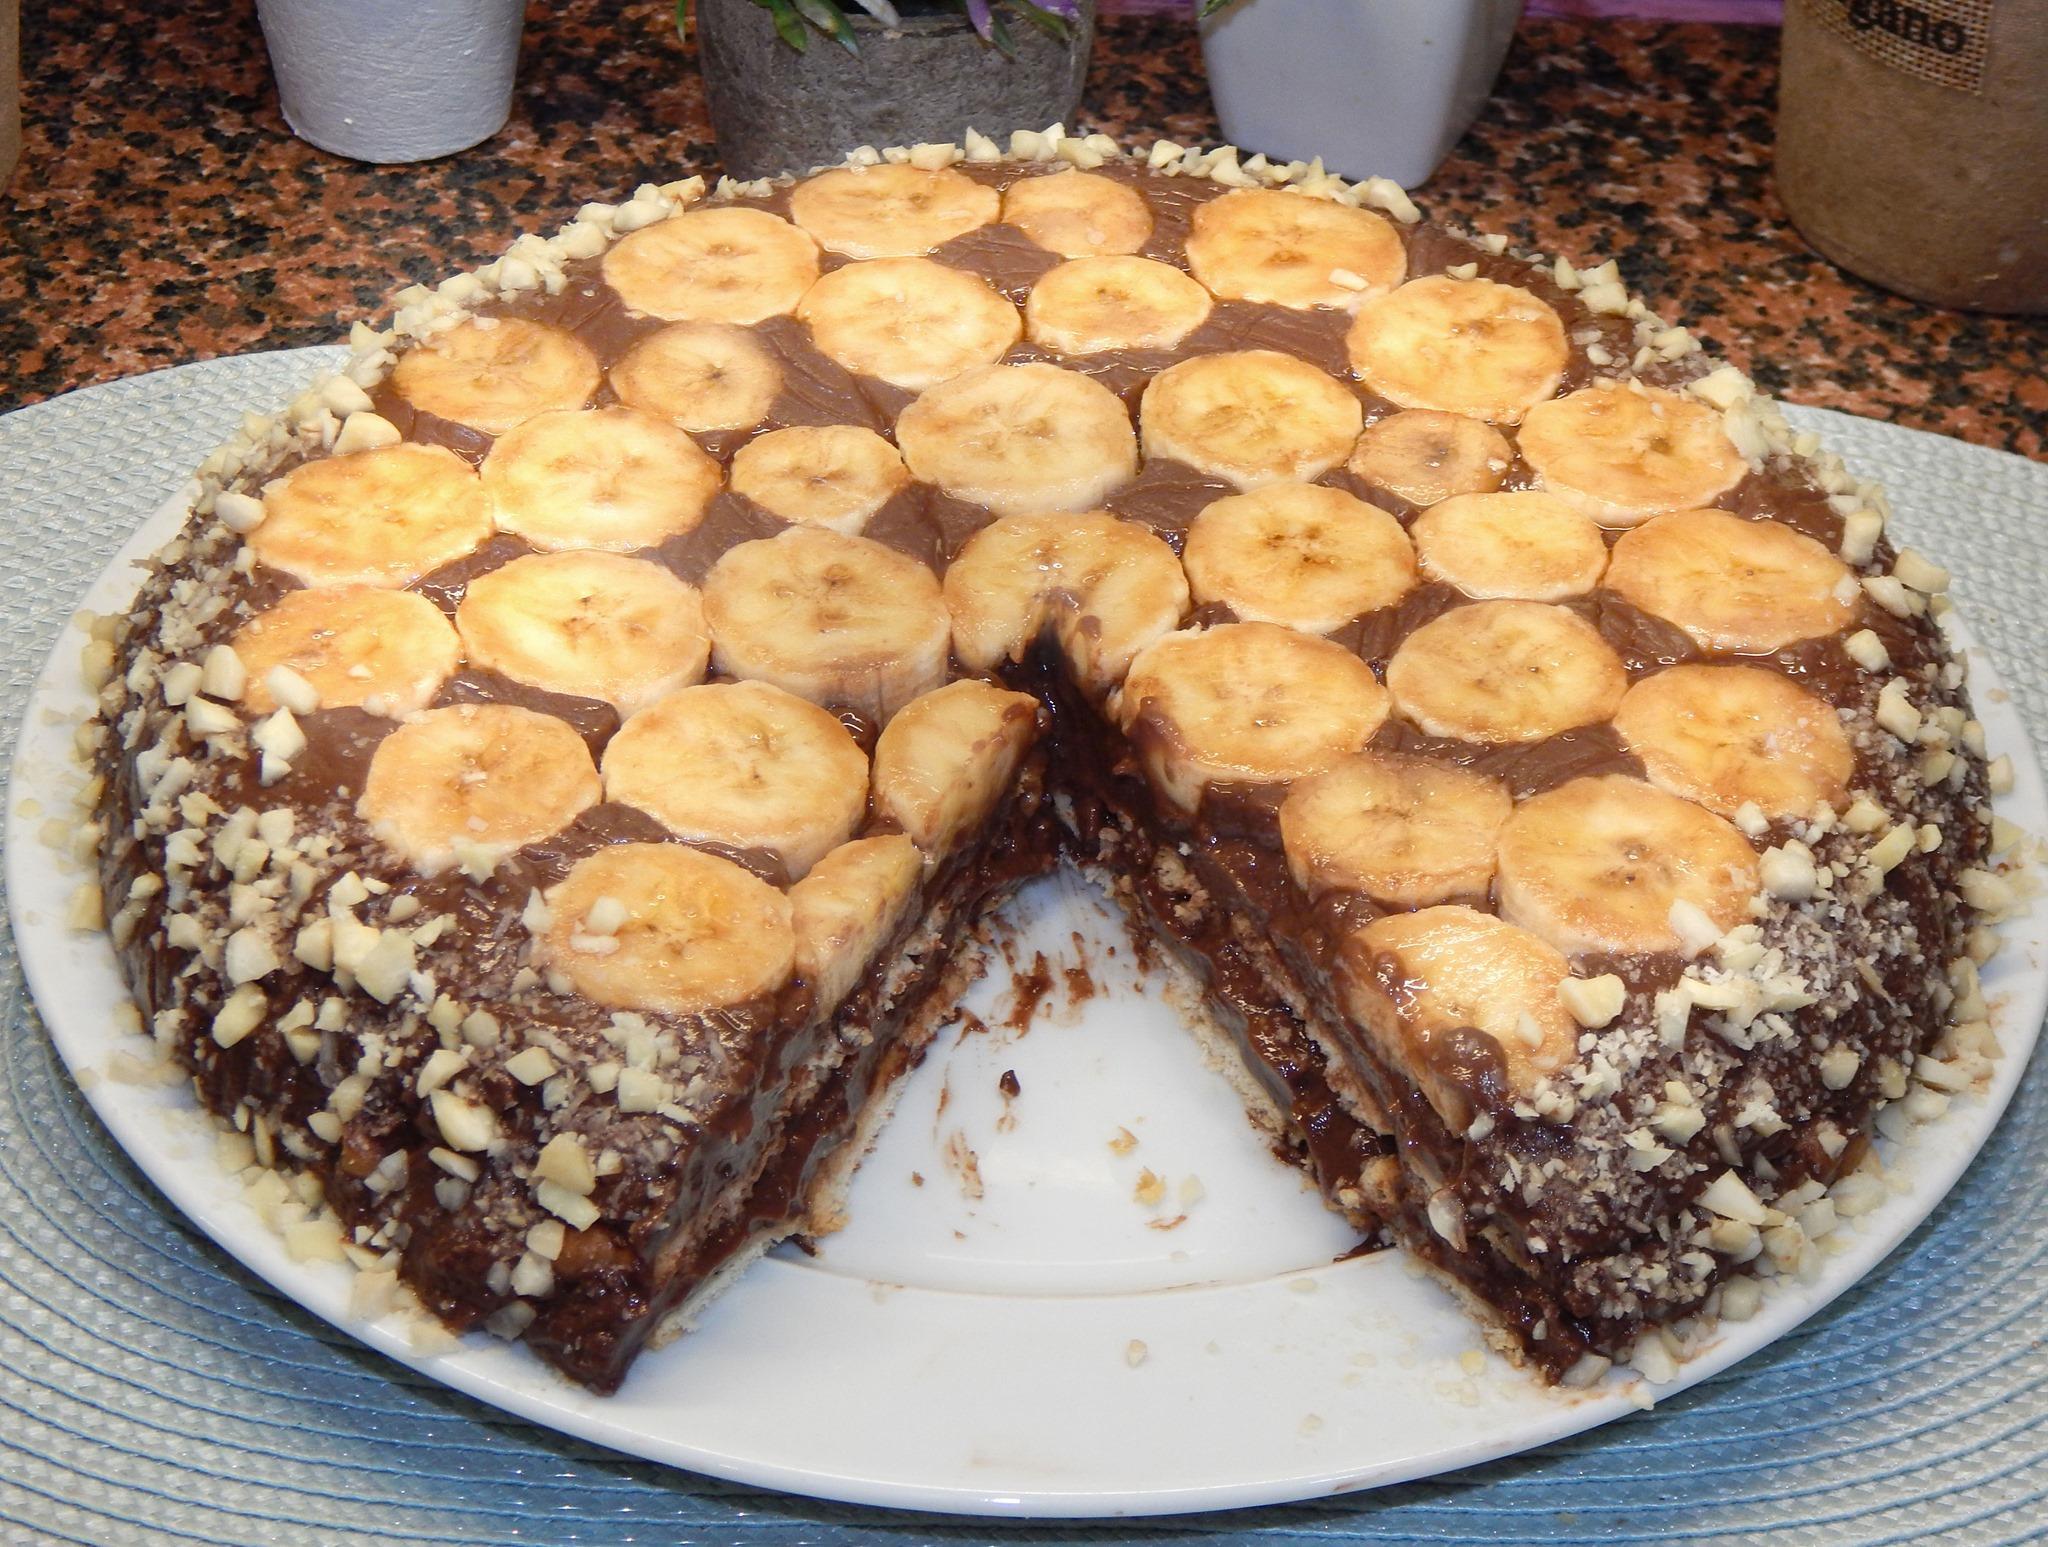 Σοκολατένιο μπισκοτόγλυκο με μπανάνες συνταγή